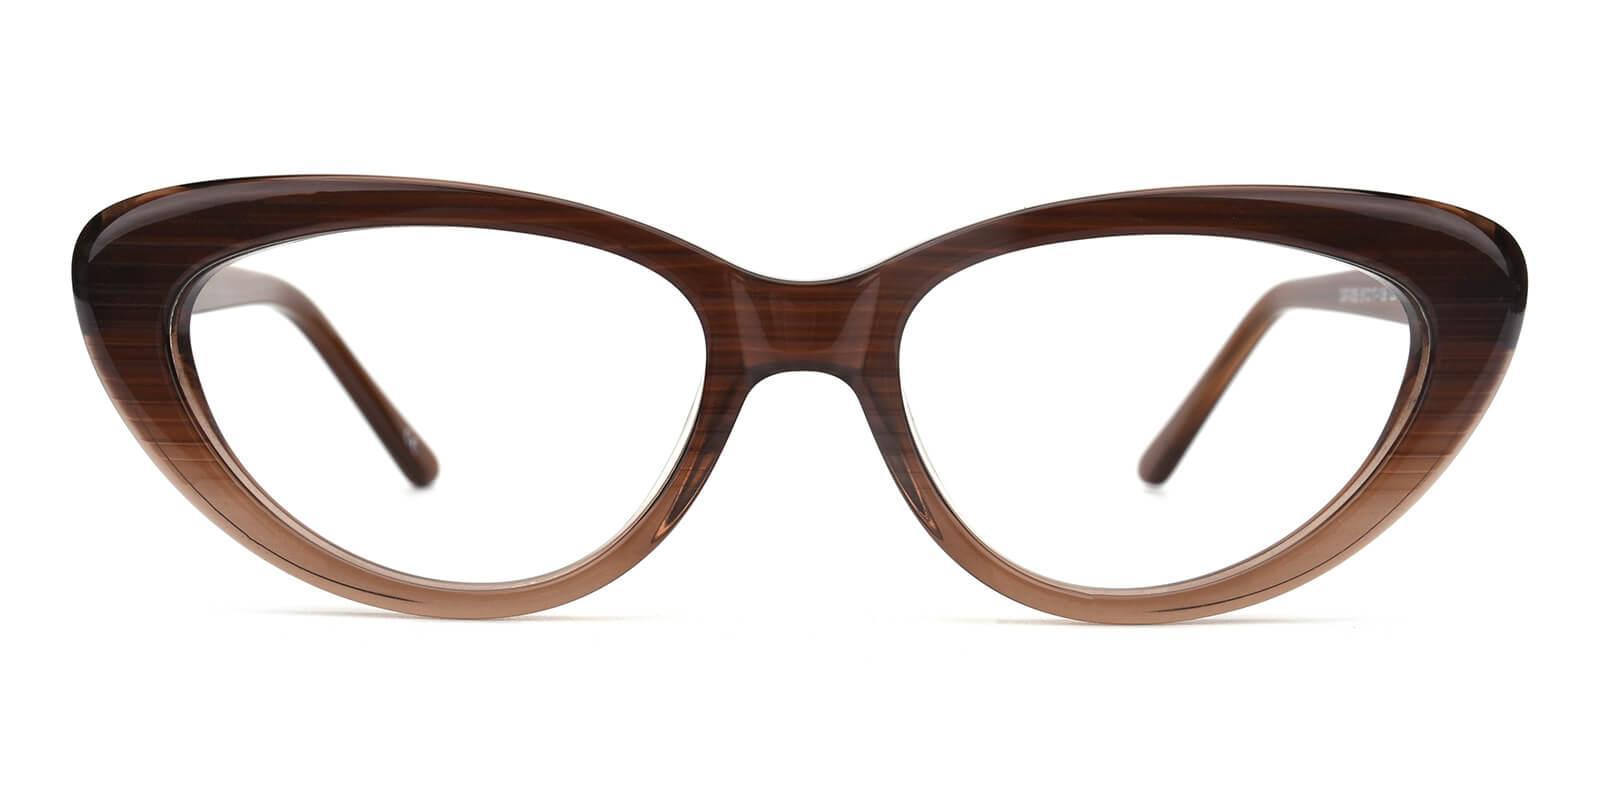 Retro-Cream-Cat-Acetate-Eyeglasses-additional2